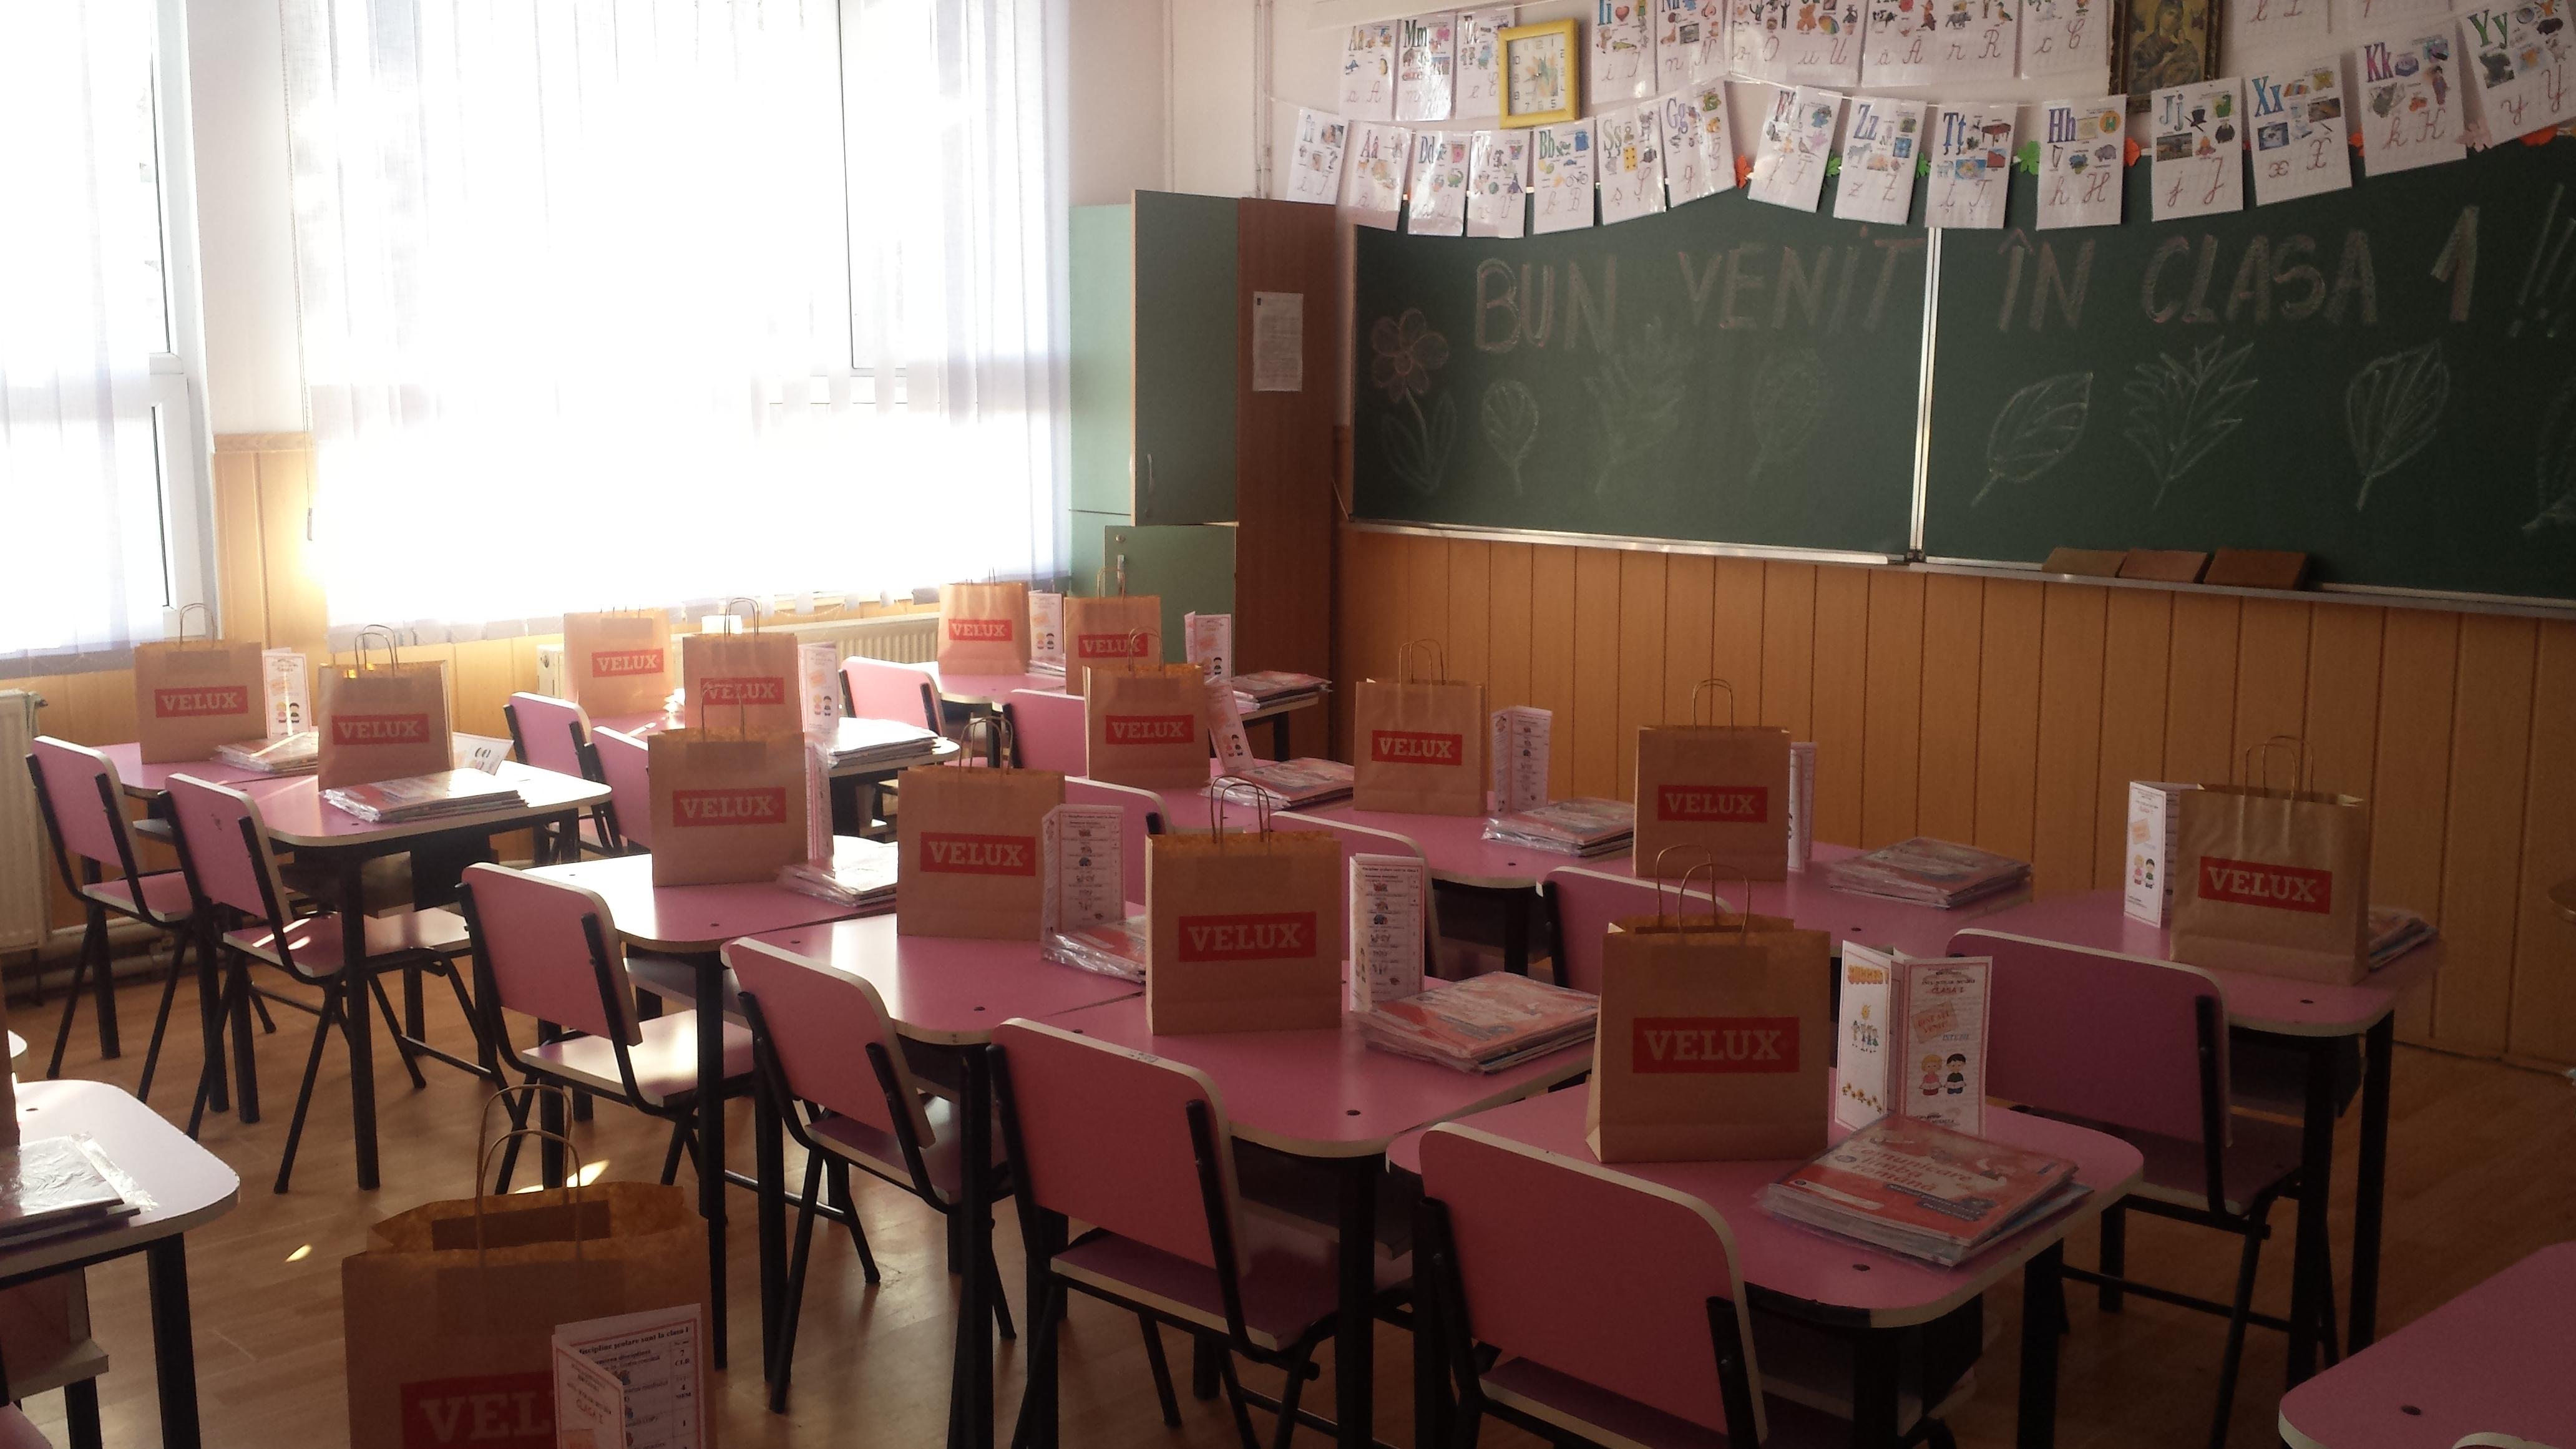 VELUX Romania doneaza rechizite - VELUX România donează rechizite pentru elevii clasei I dintr-o școală din Călărași